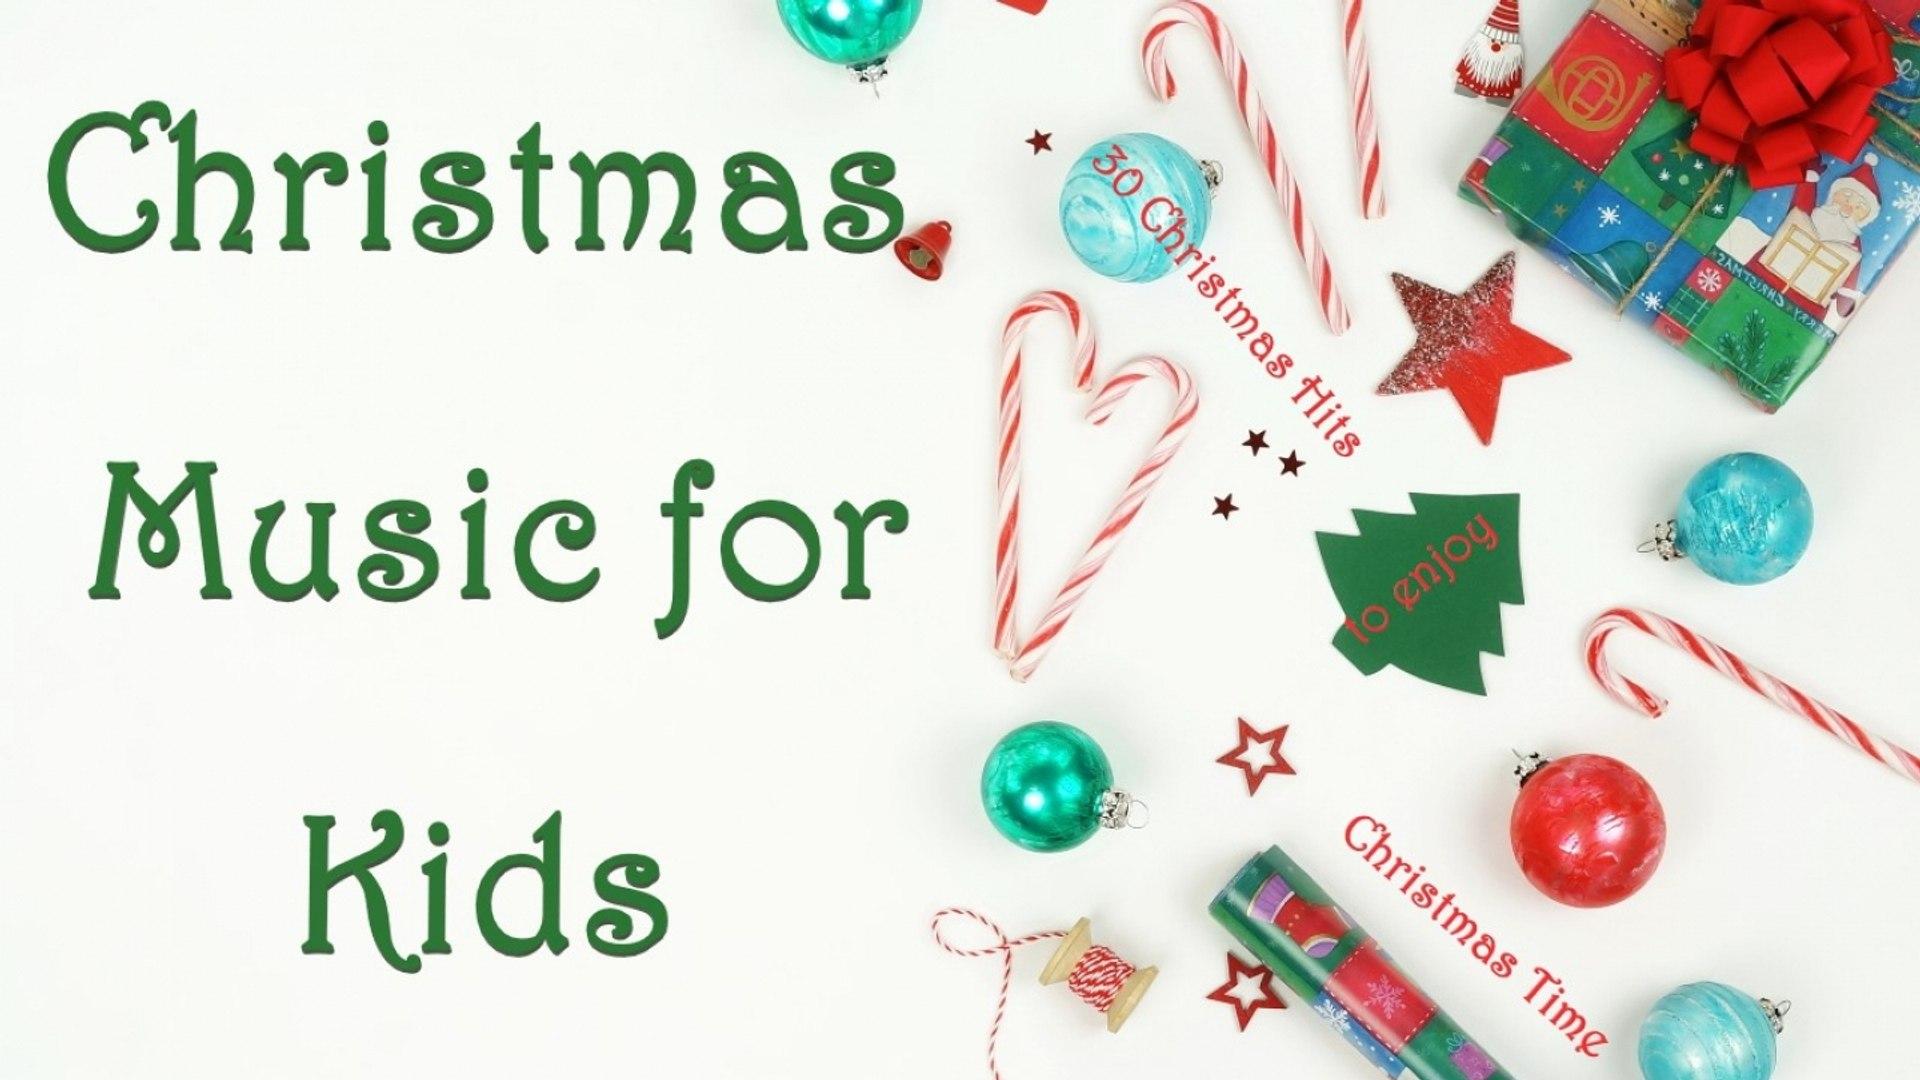 Giulia Parisi - Christmas Music for Kids 30 Hits to enjoy Christmas Time #christmassongs